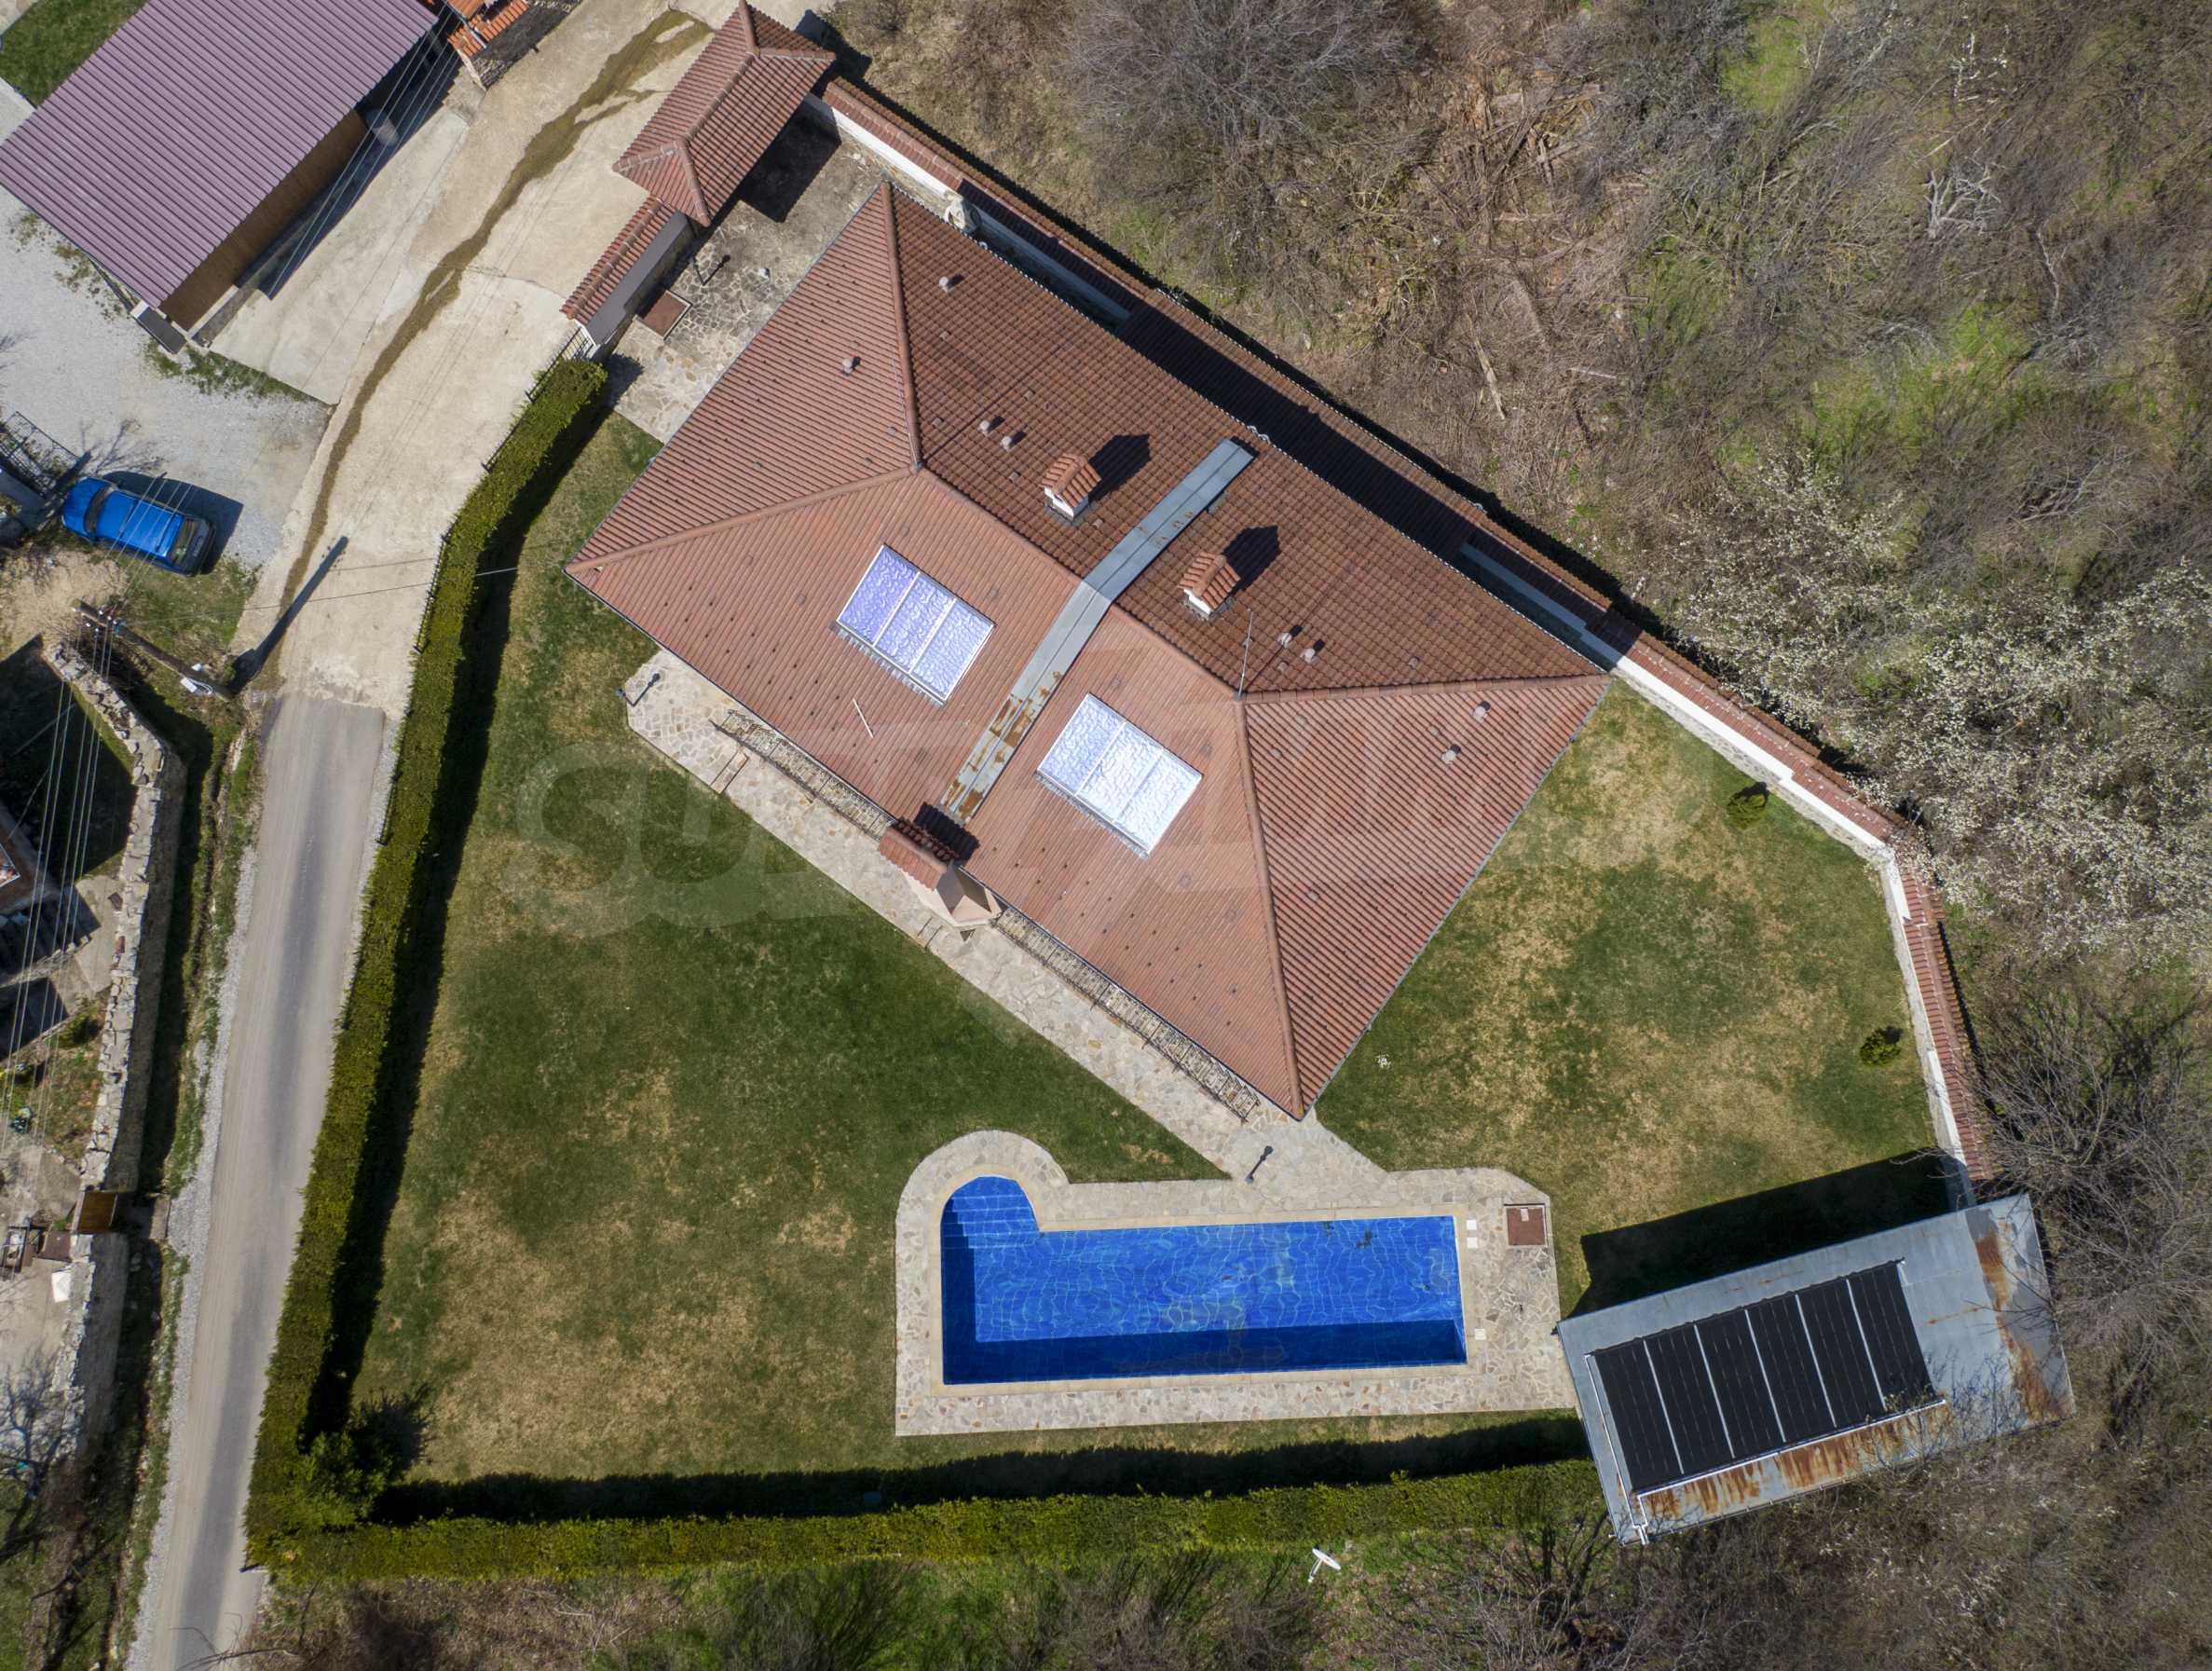 Zwei Doppelhäuser mit Swimmingpool in einem gemeinsamen Hof, nur 5 km vom Yovkovtsi-Damm entfernt 51